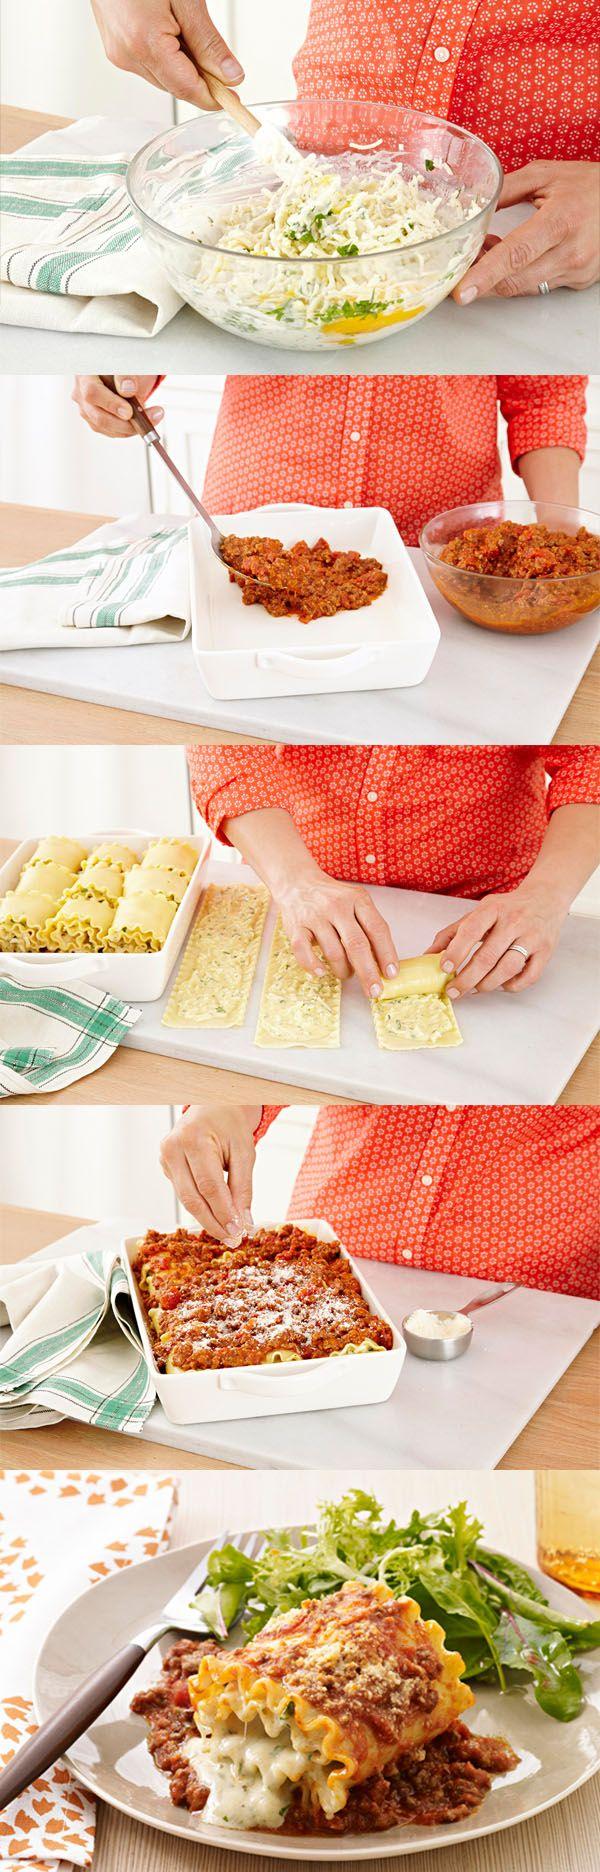 Rouleaux de lasagne crémeux - Une façon originale de présenter la lasagne. Pour…